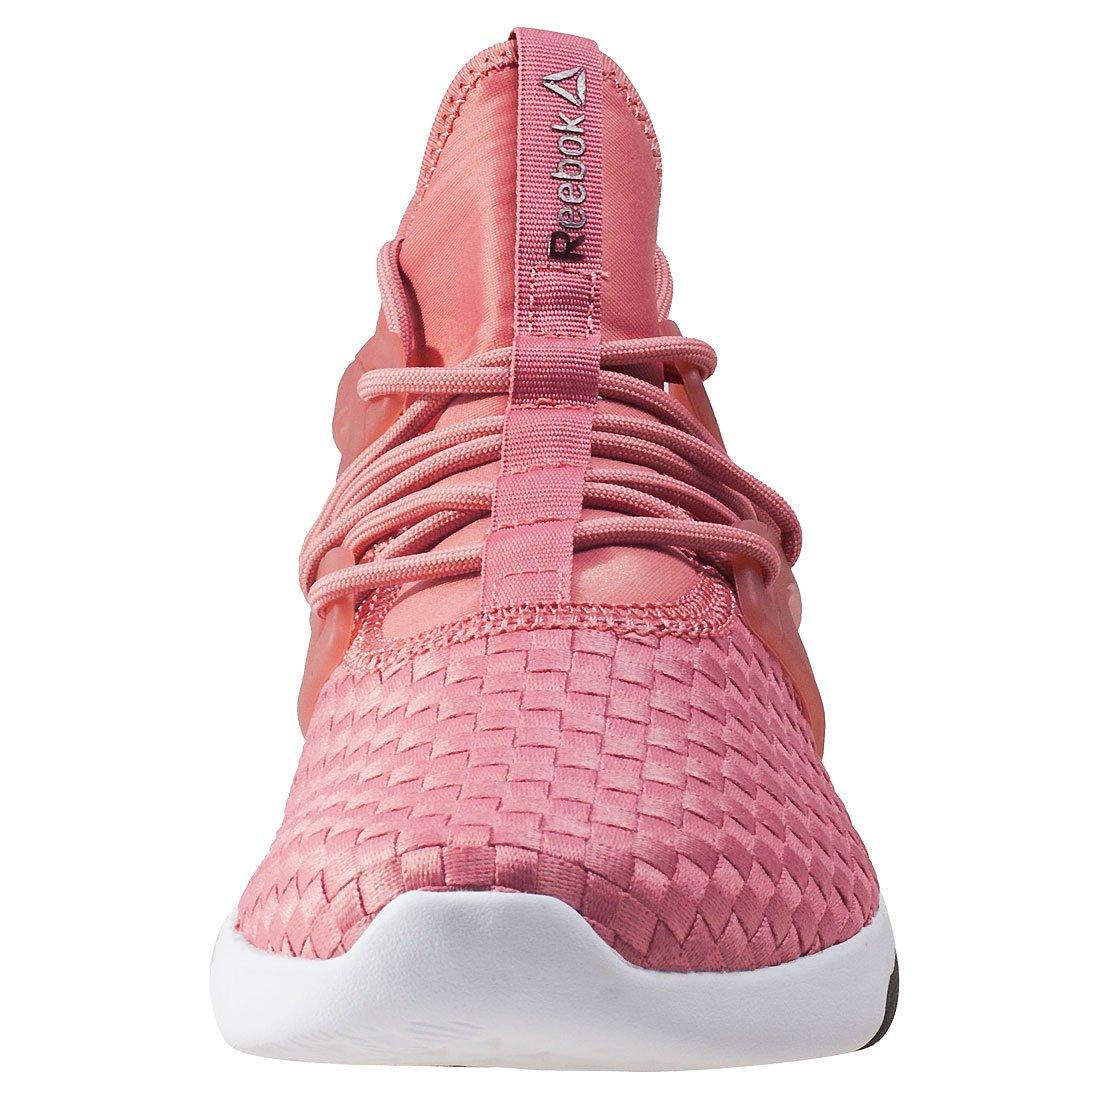 a84df736412 Reebok Women s Hayasu Sneakers Pink Size  3.5 UK  Amazon.co.uk  Shoes   Bags